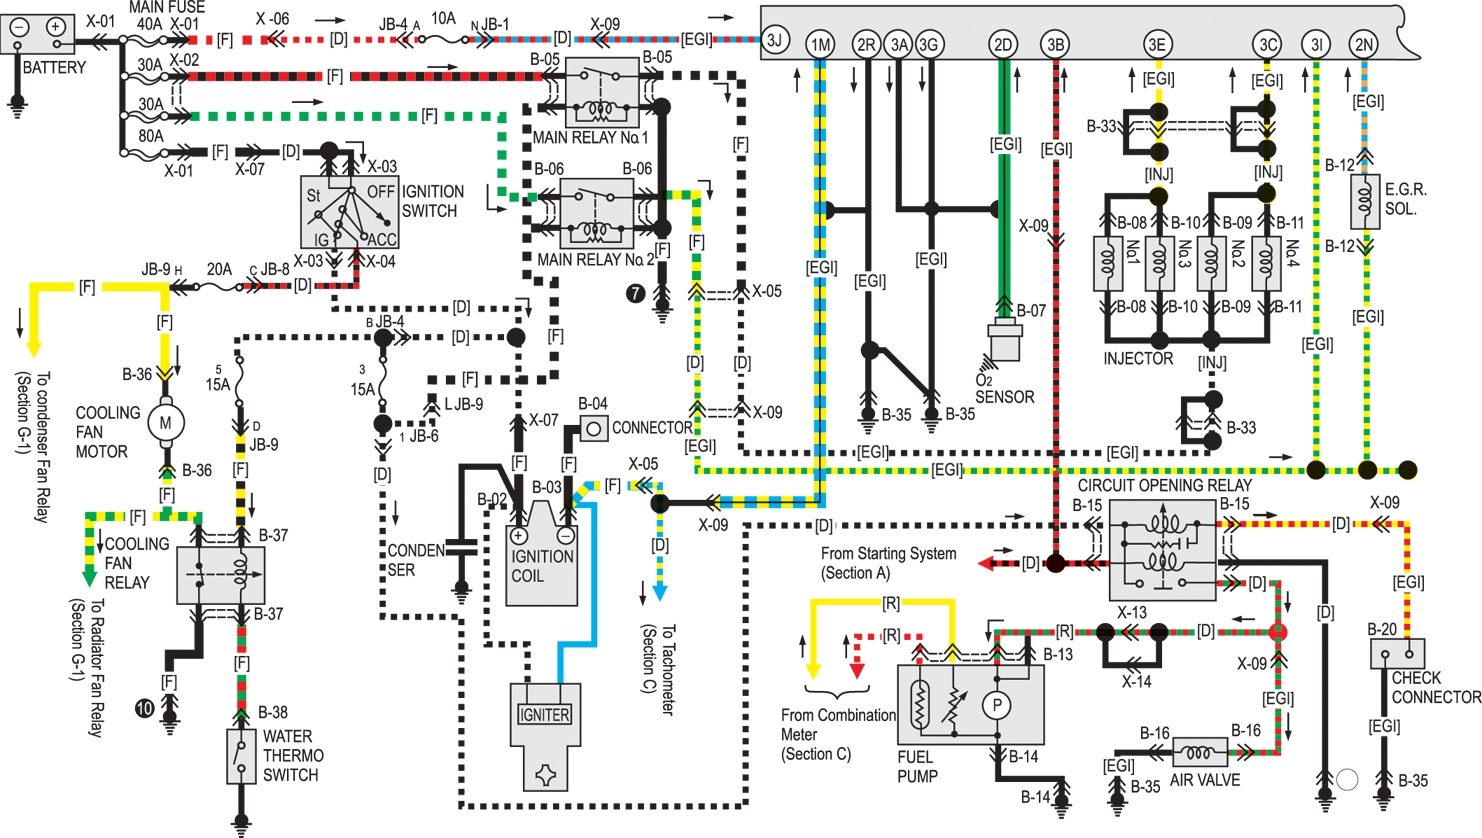 Wiring Diagram For Workshop Free Download Schematic - DIY Wiring ...